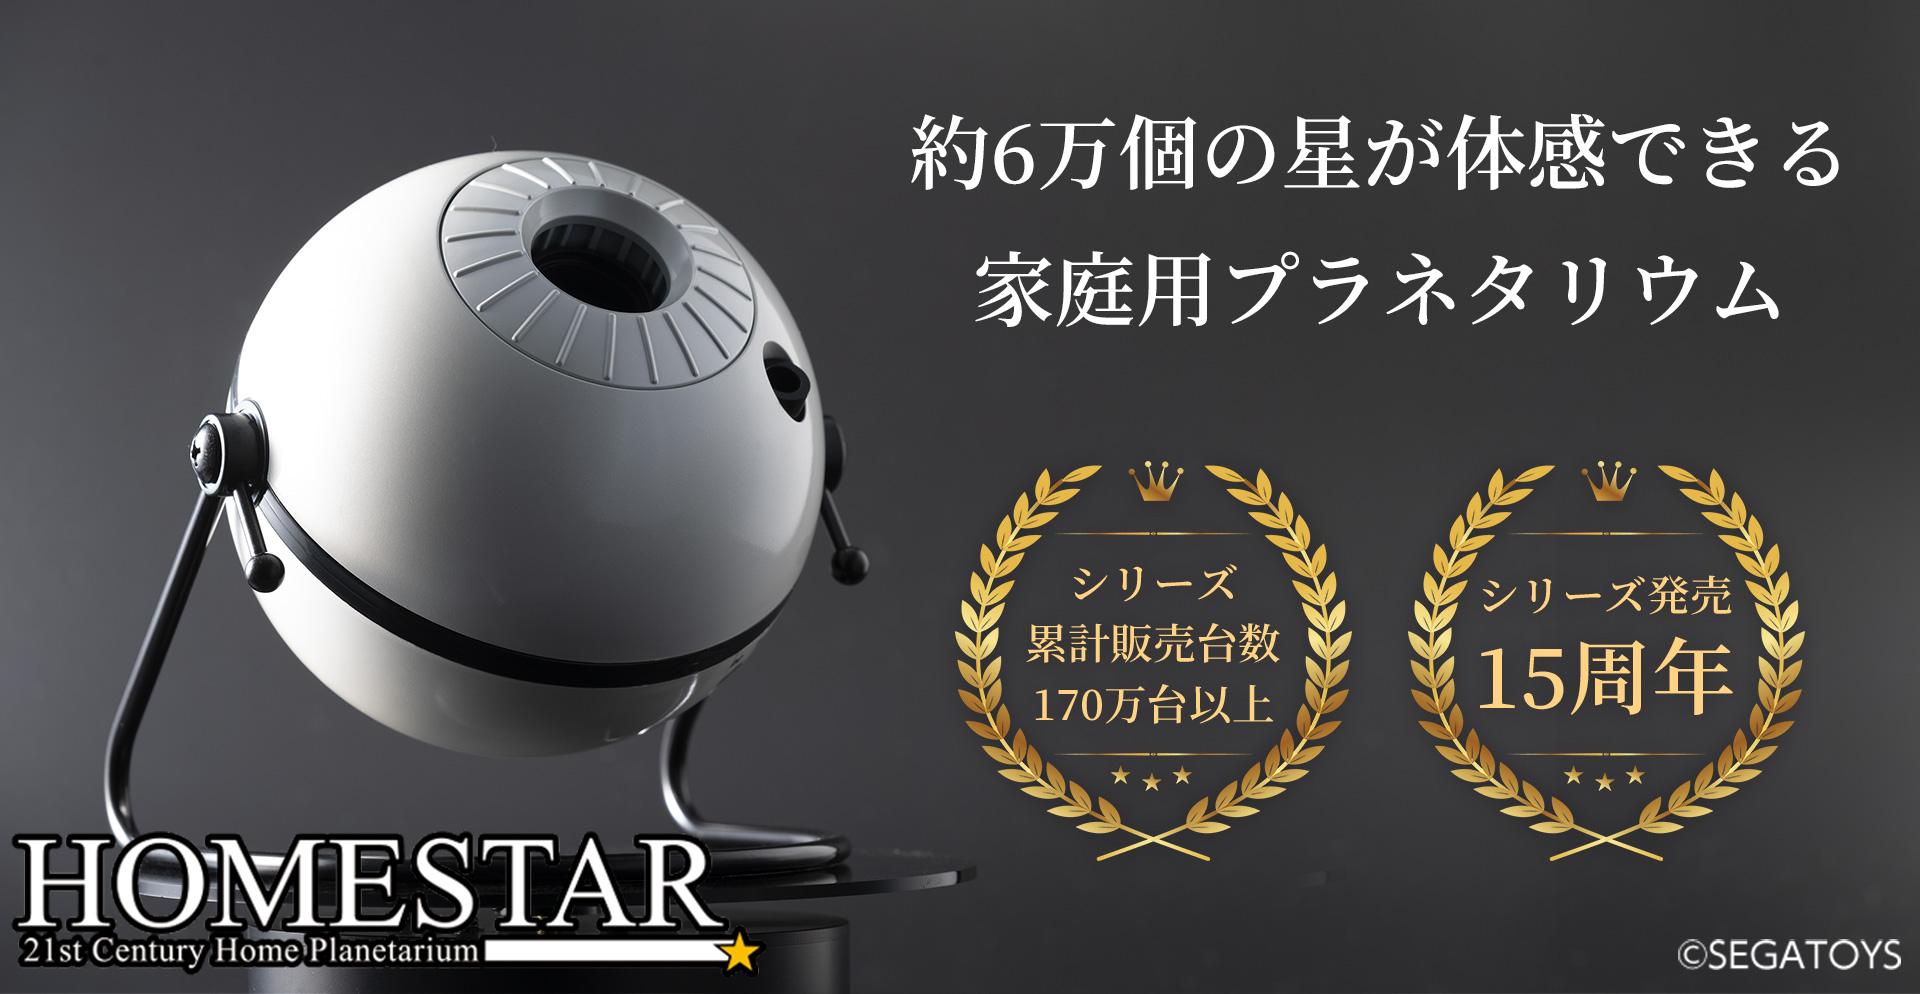 https://www.segatoys.co.jp/homestar/portal/images/main/header_pc.jpg